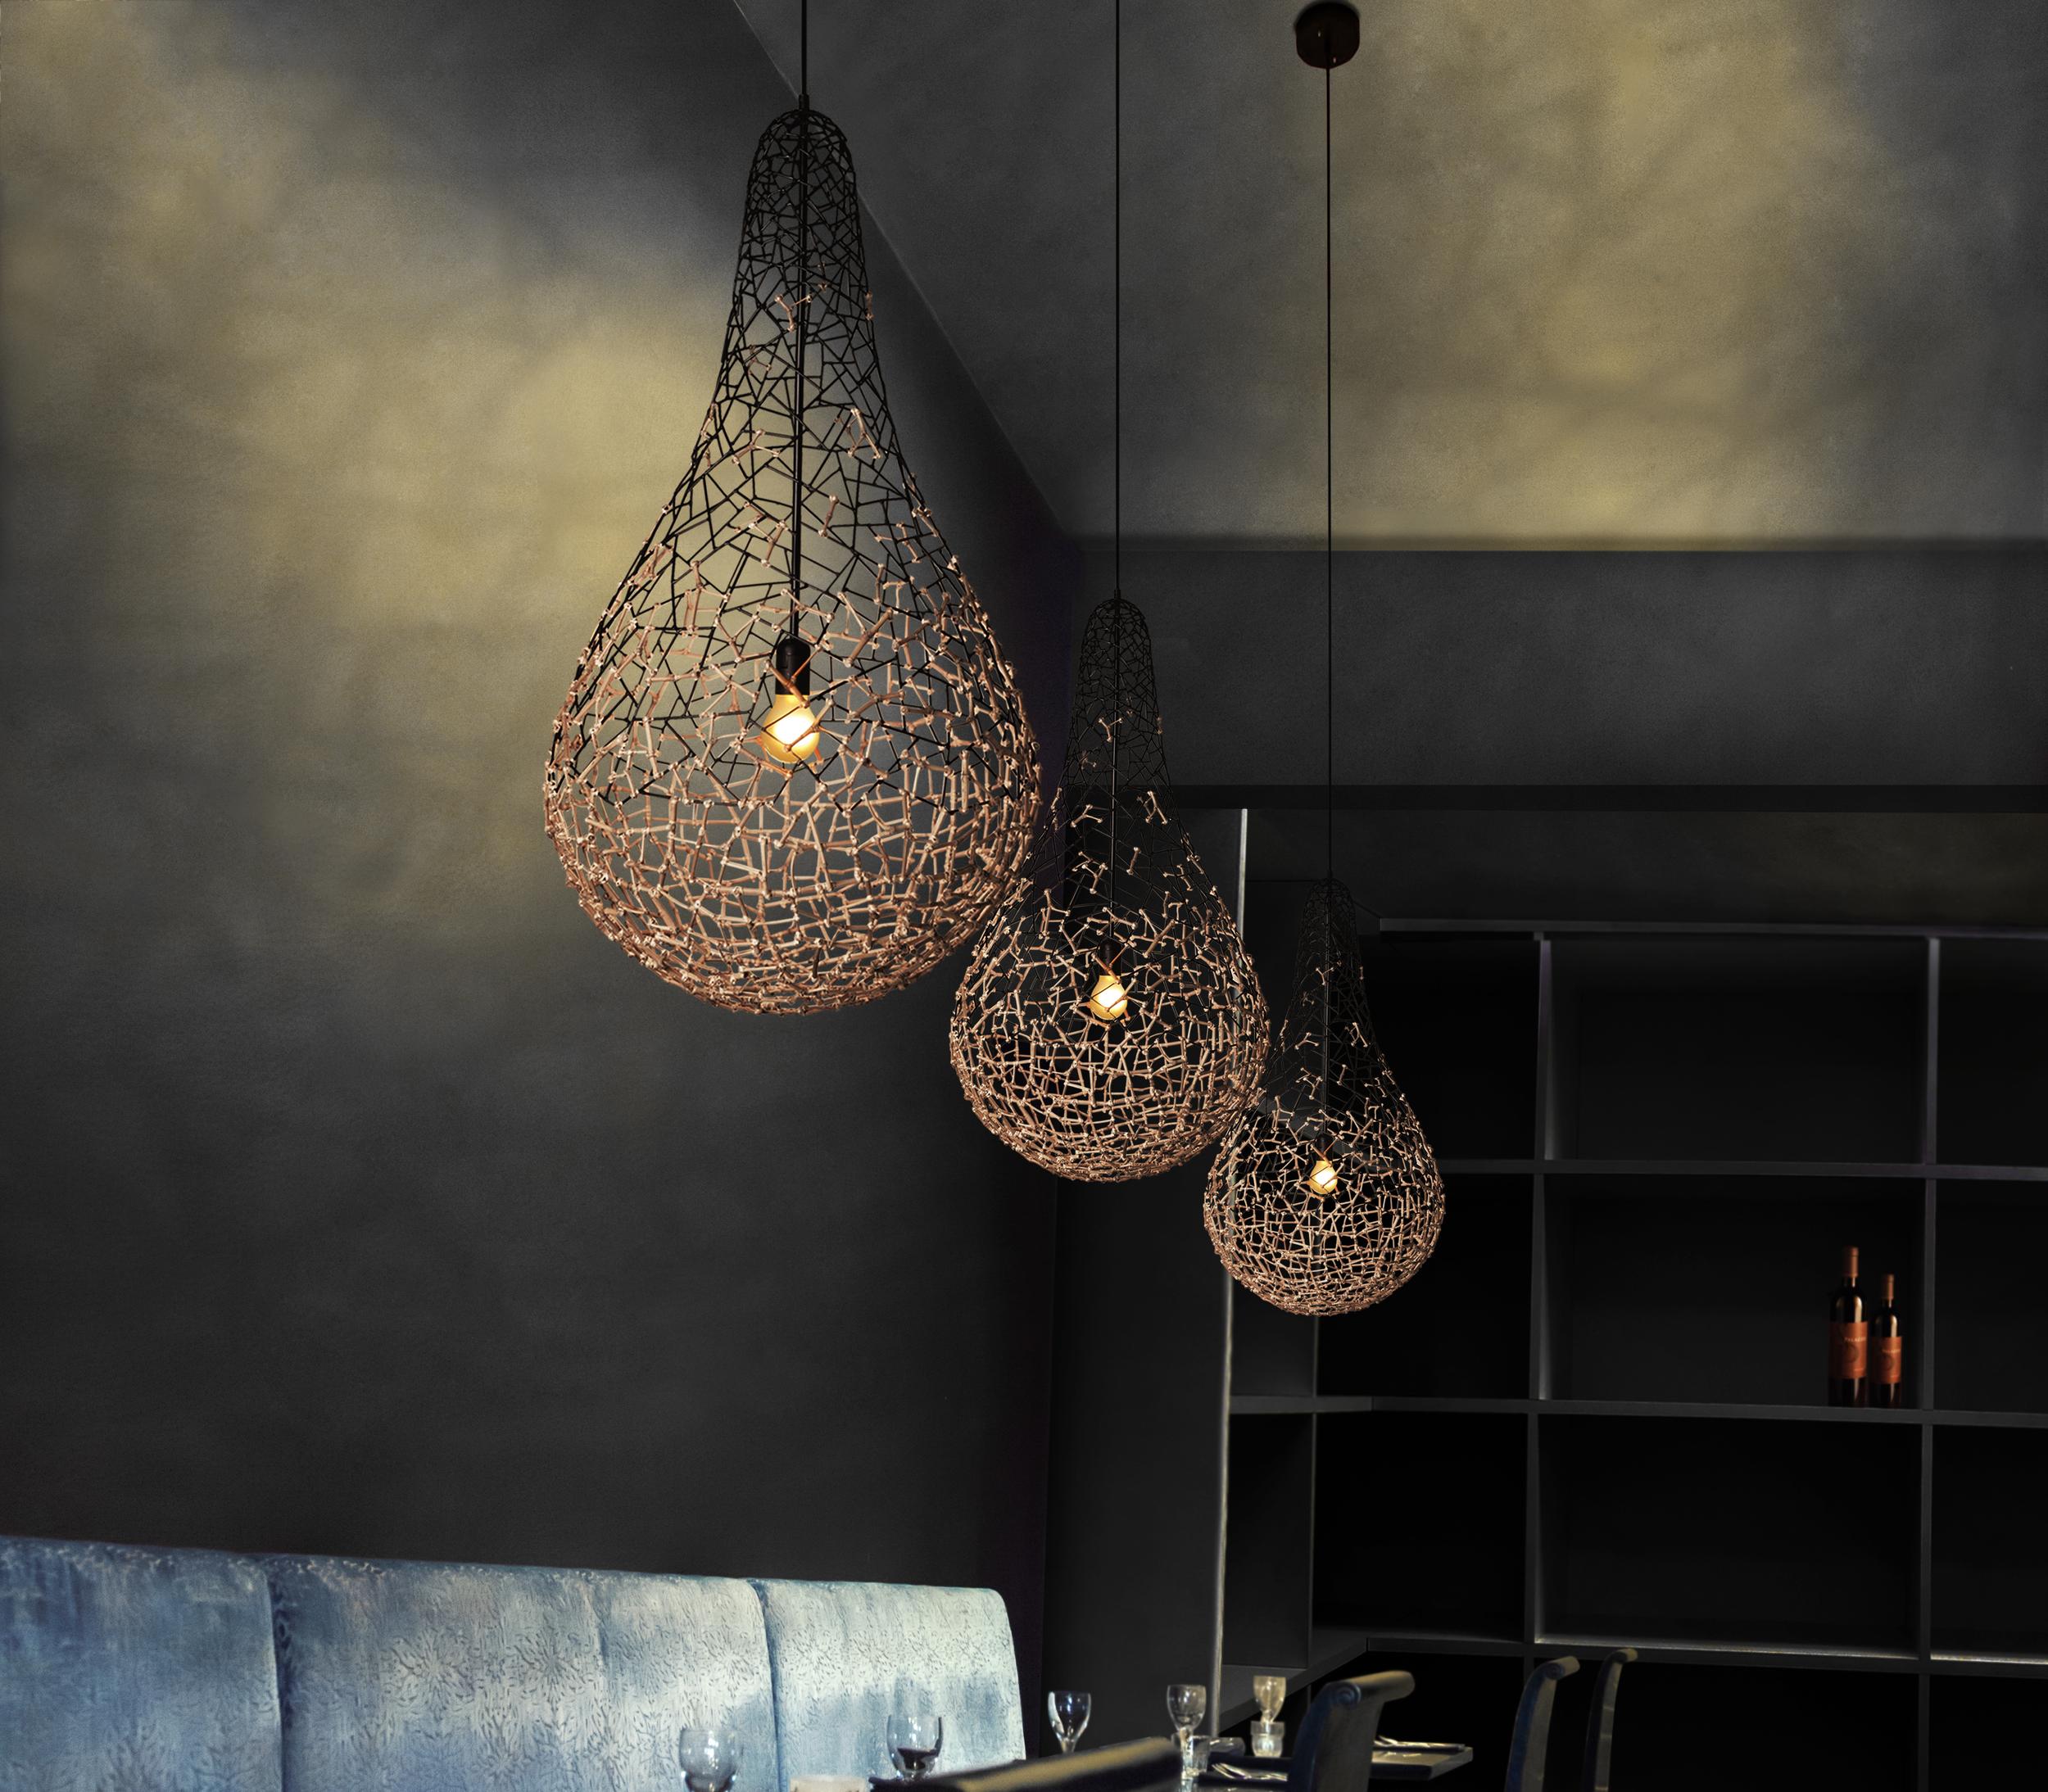 Kris_kros_hanging_lamp_XKW49CE.png